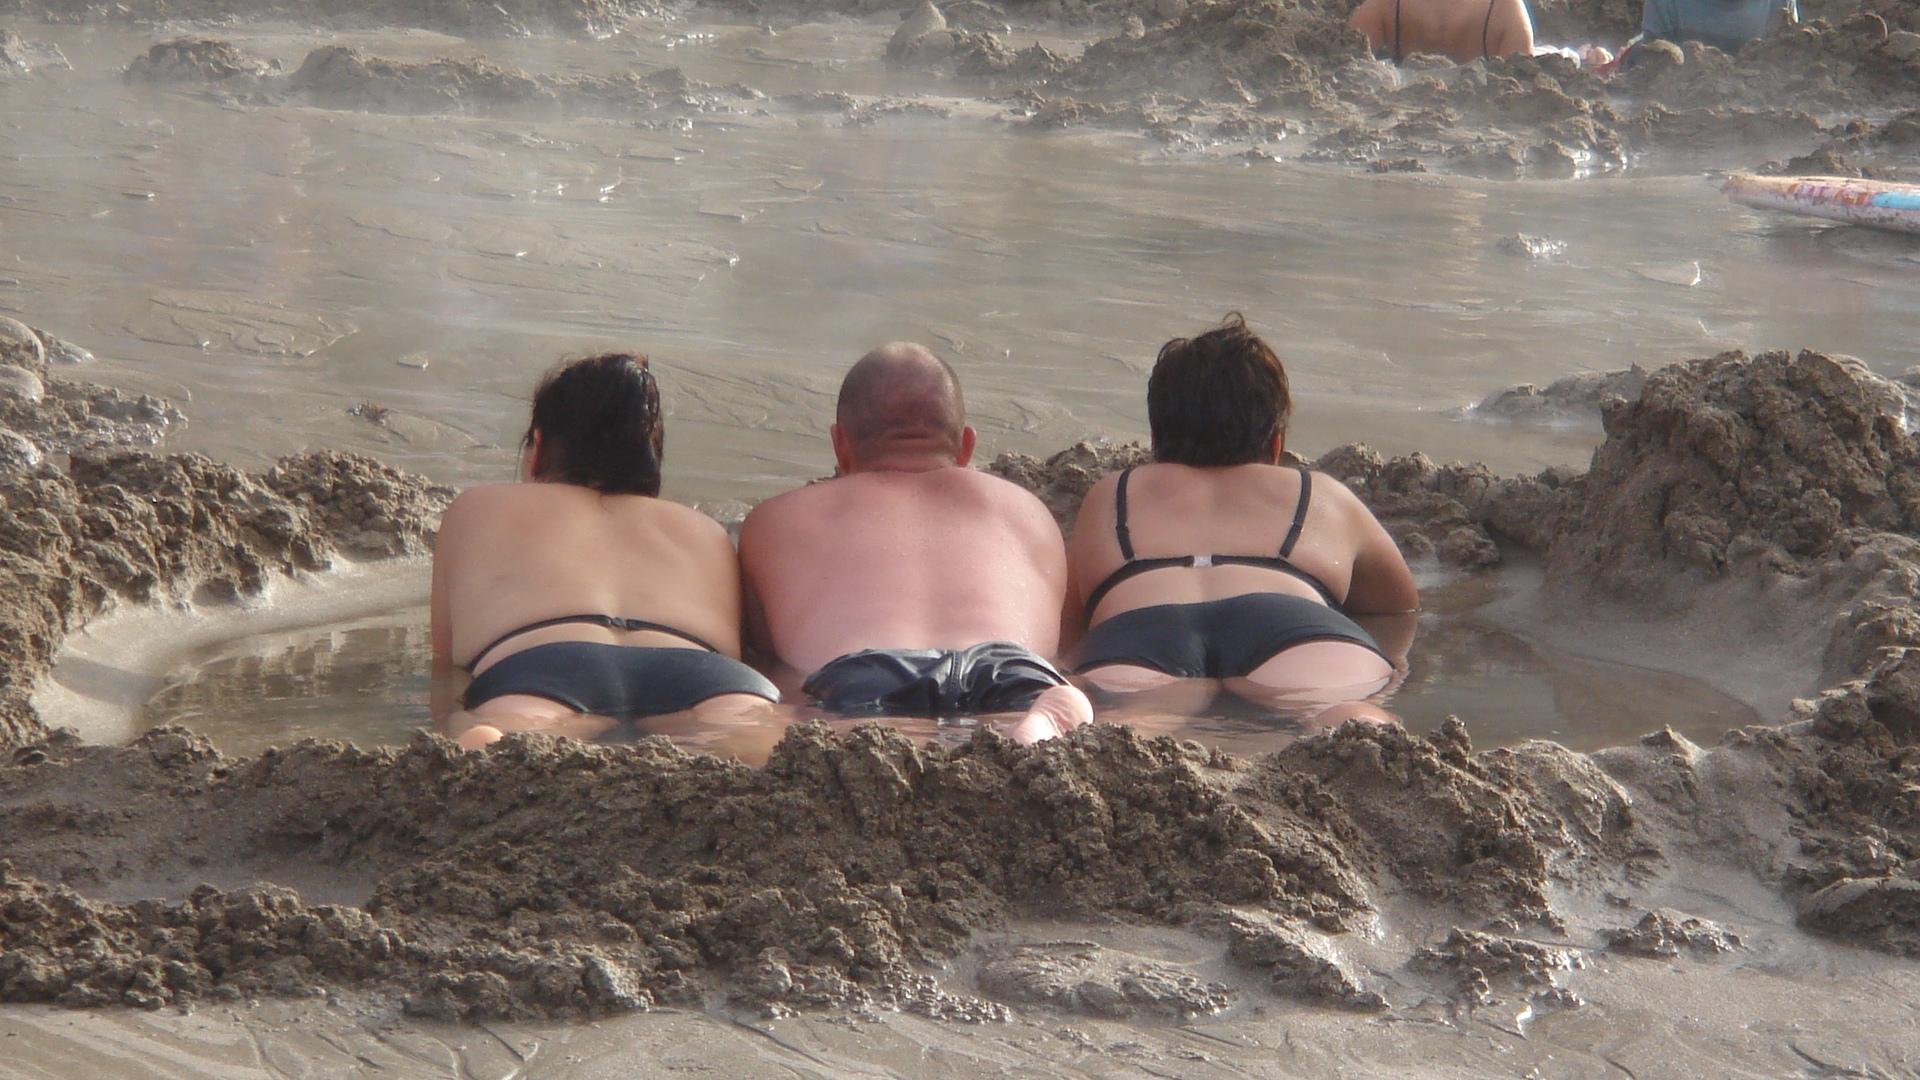 Hot water beach Coromandel NZ